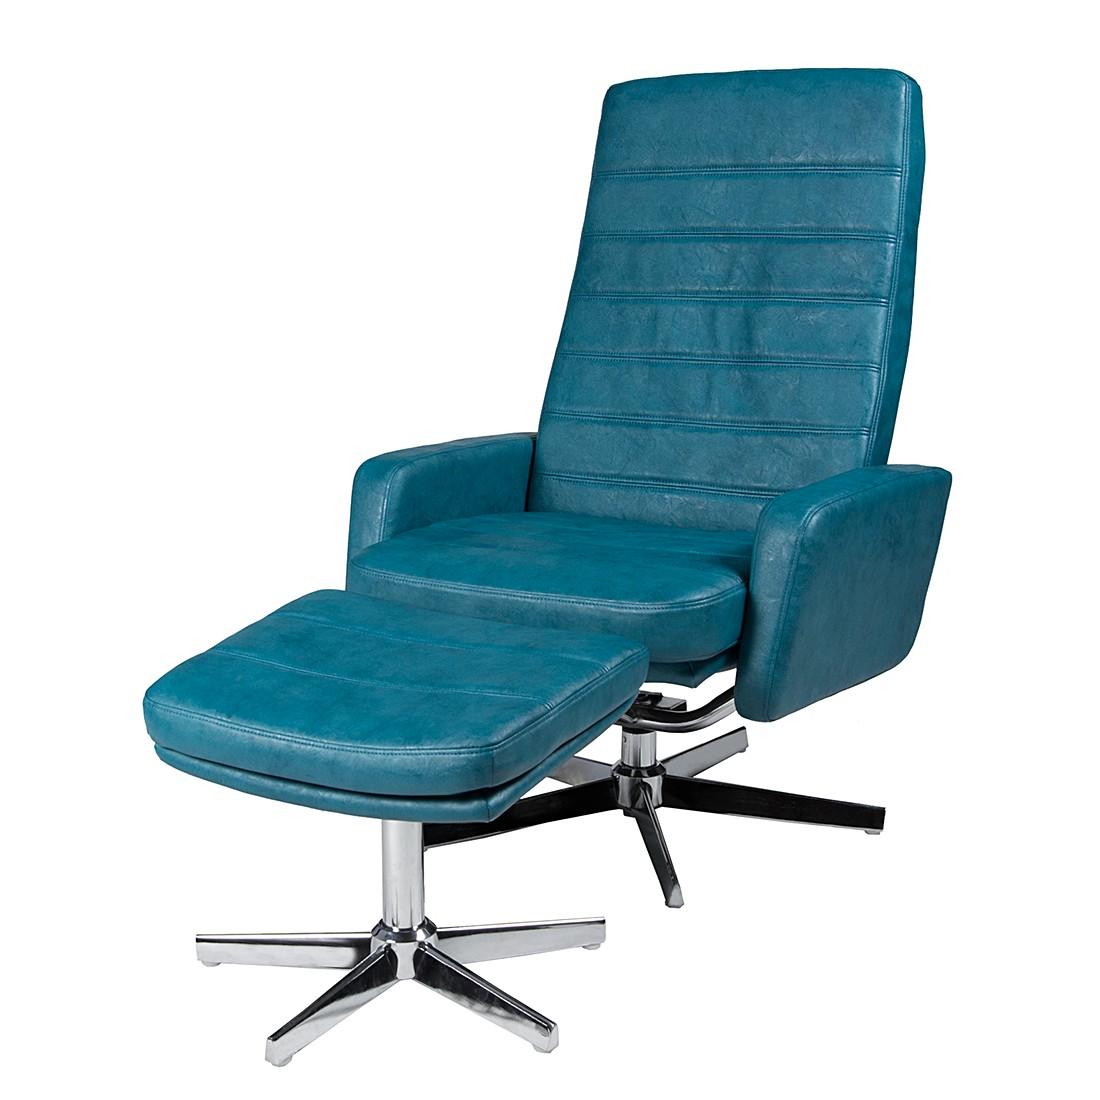 relaxsessel drehbar preisvergleiche erfahrungsberichte. Black Bedroom Furniture Sets. Home Design Ideas